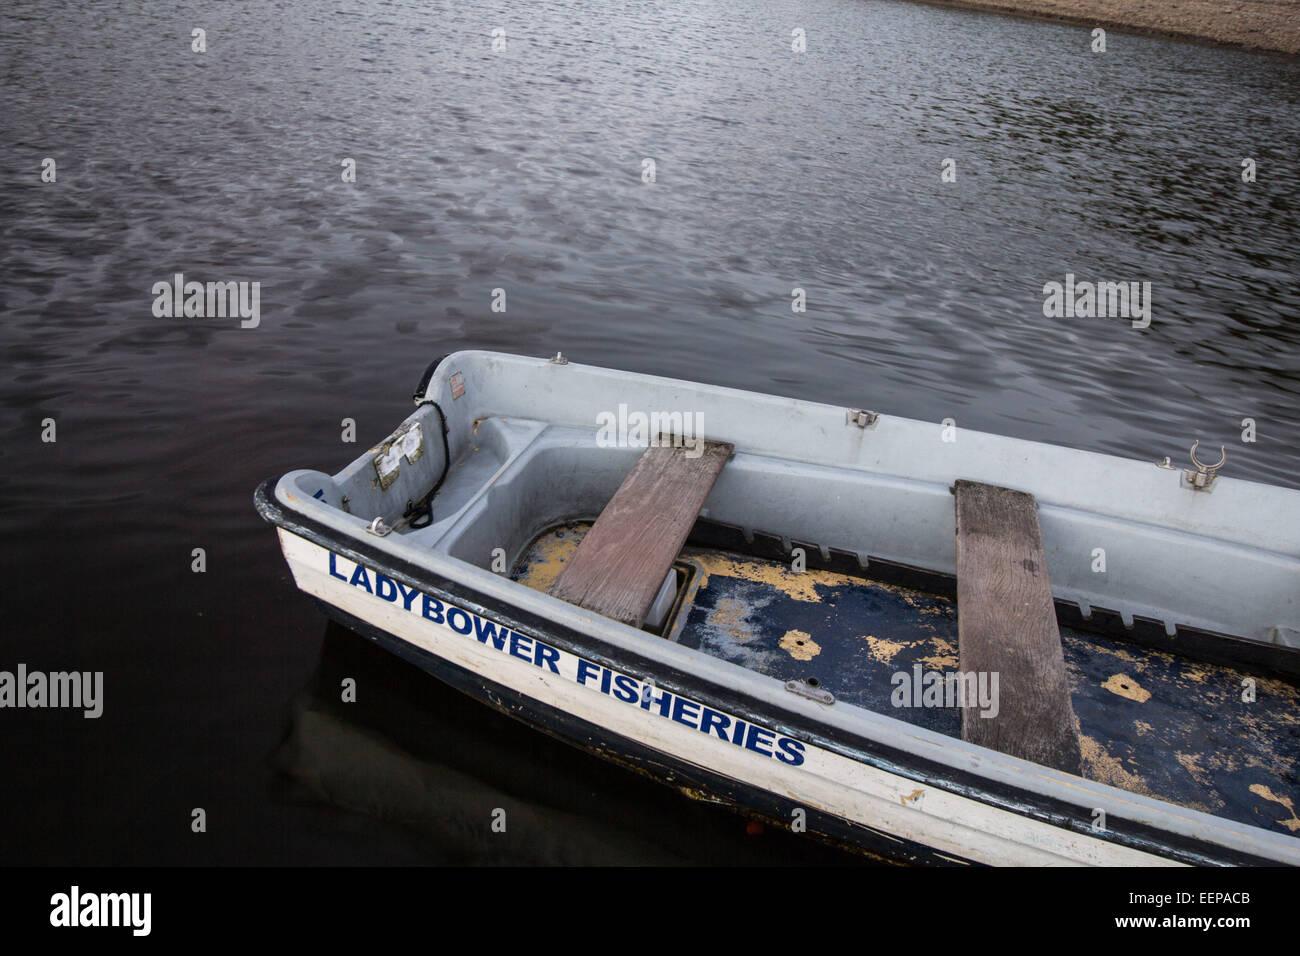 Ladybower Fishing Boat - Stock Image